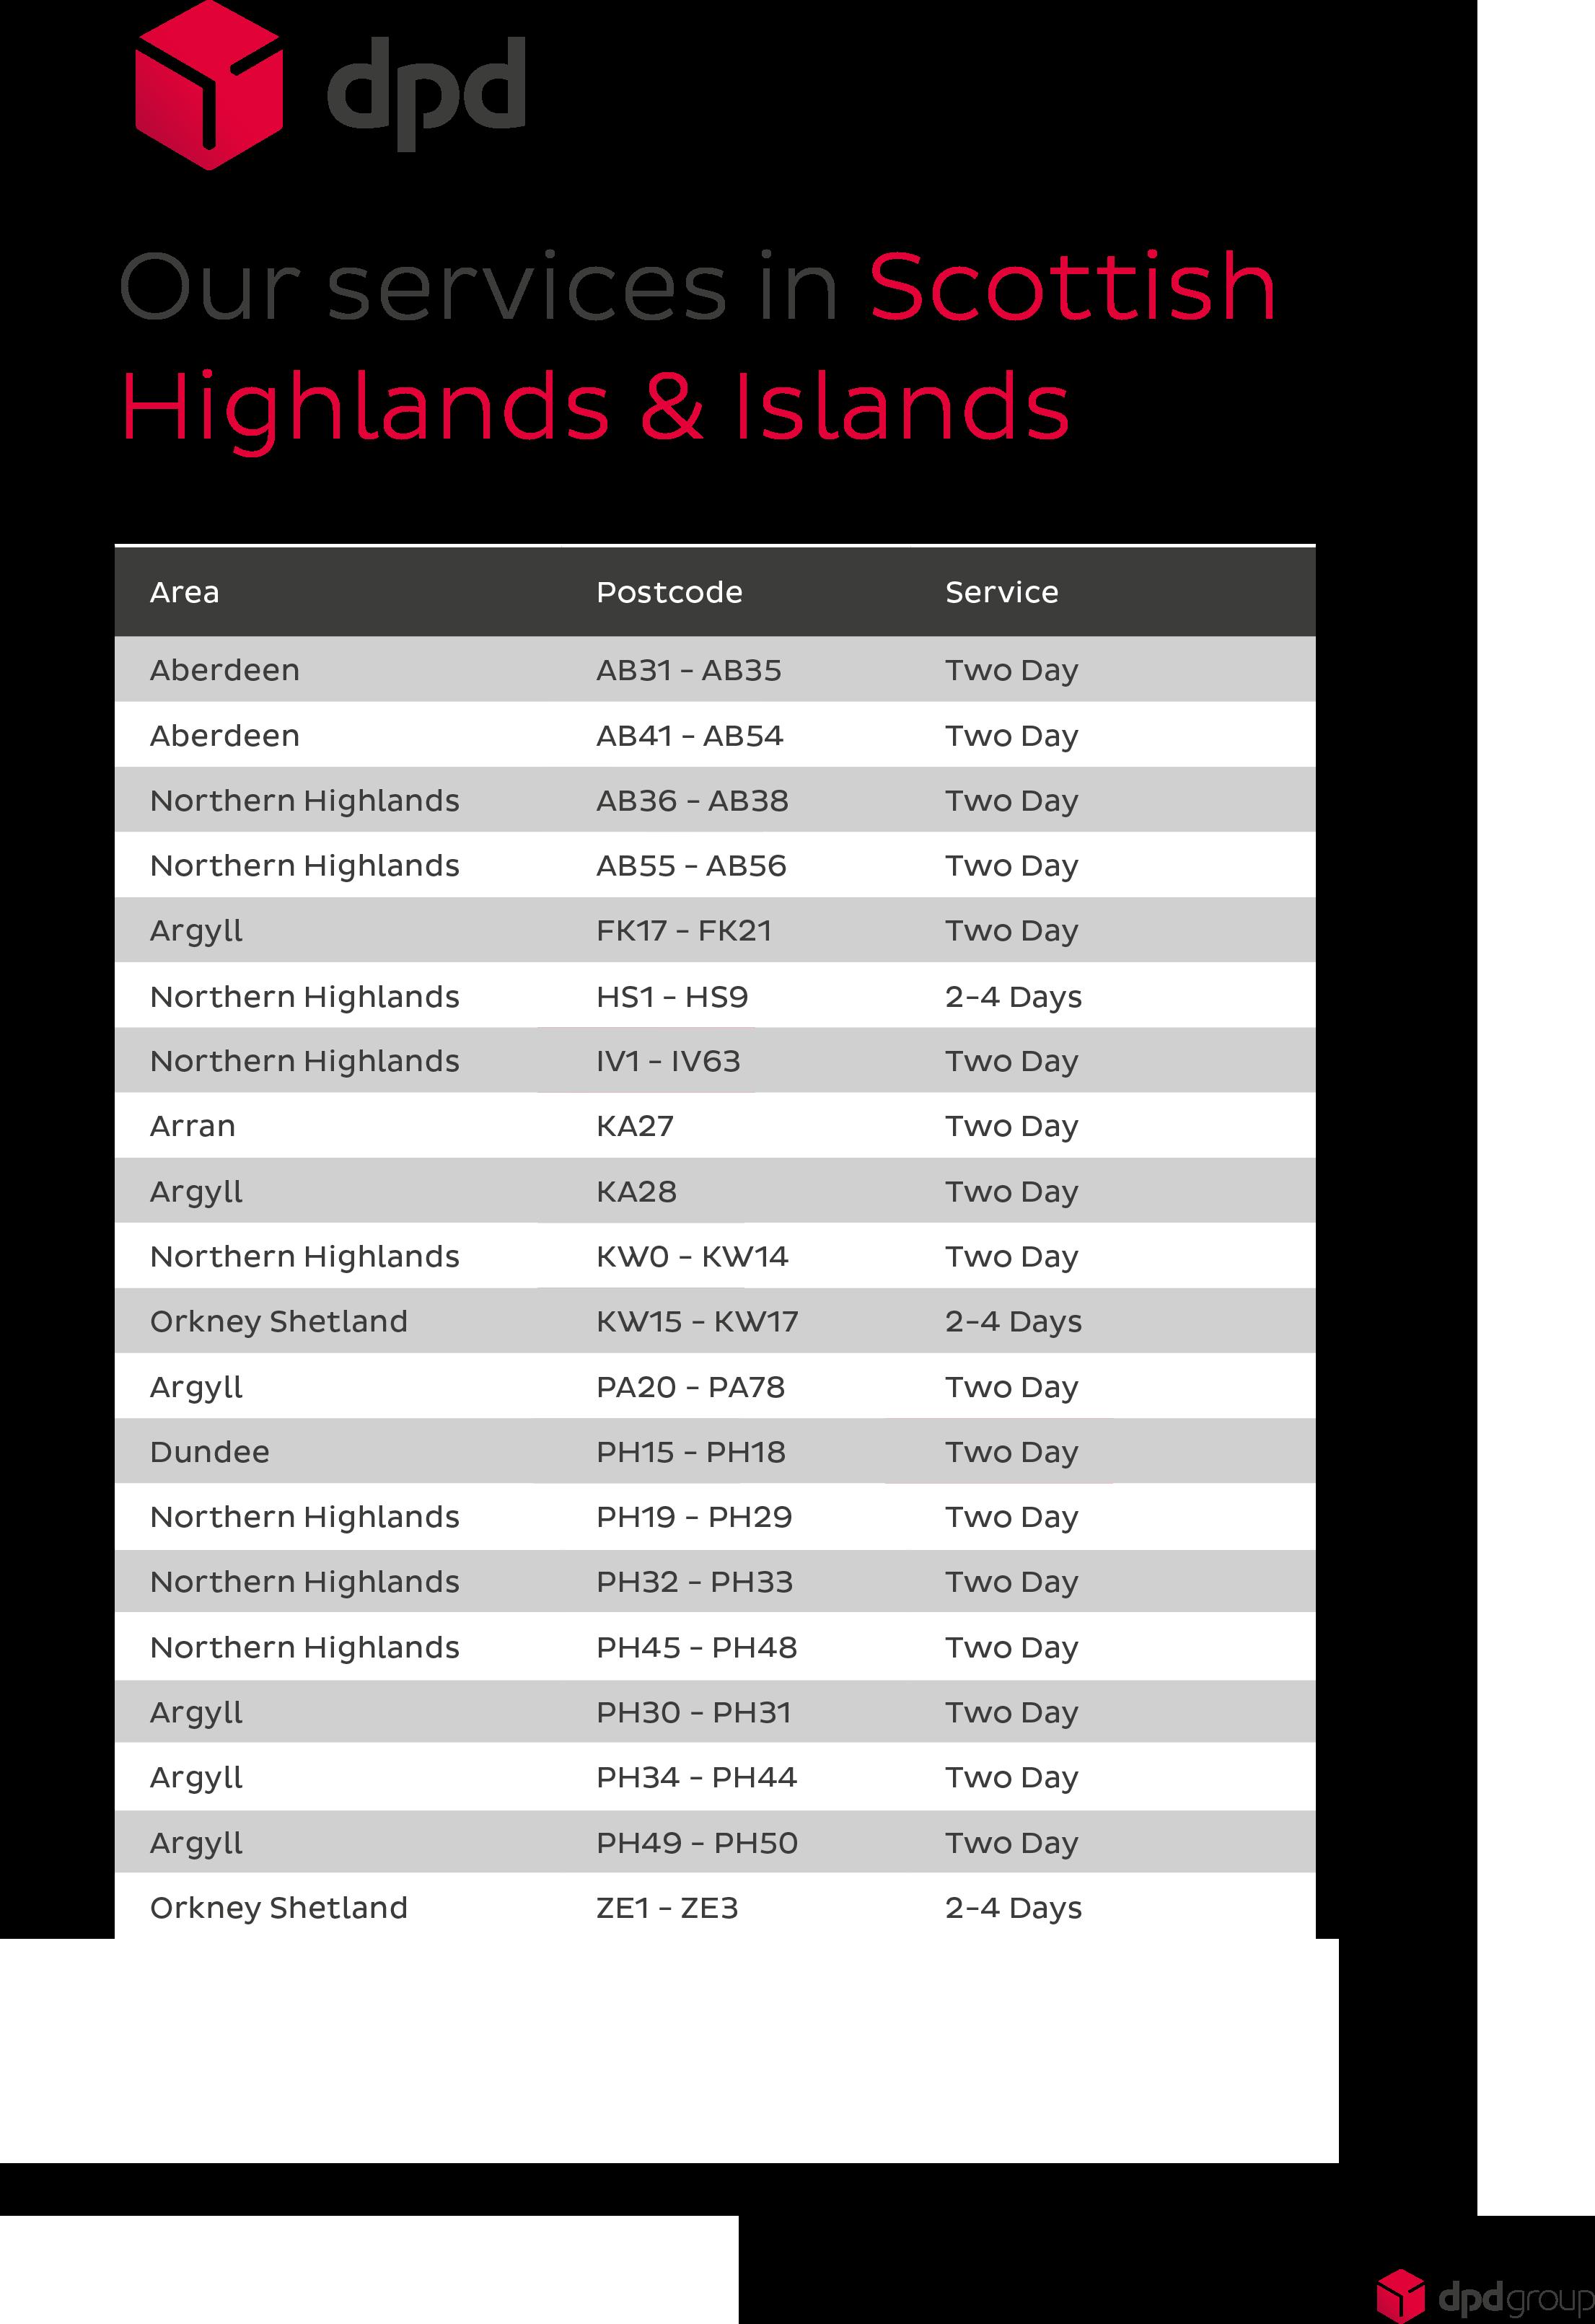 dpd-highlandsislandsinscotland.png